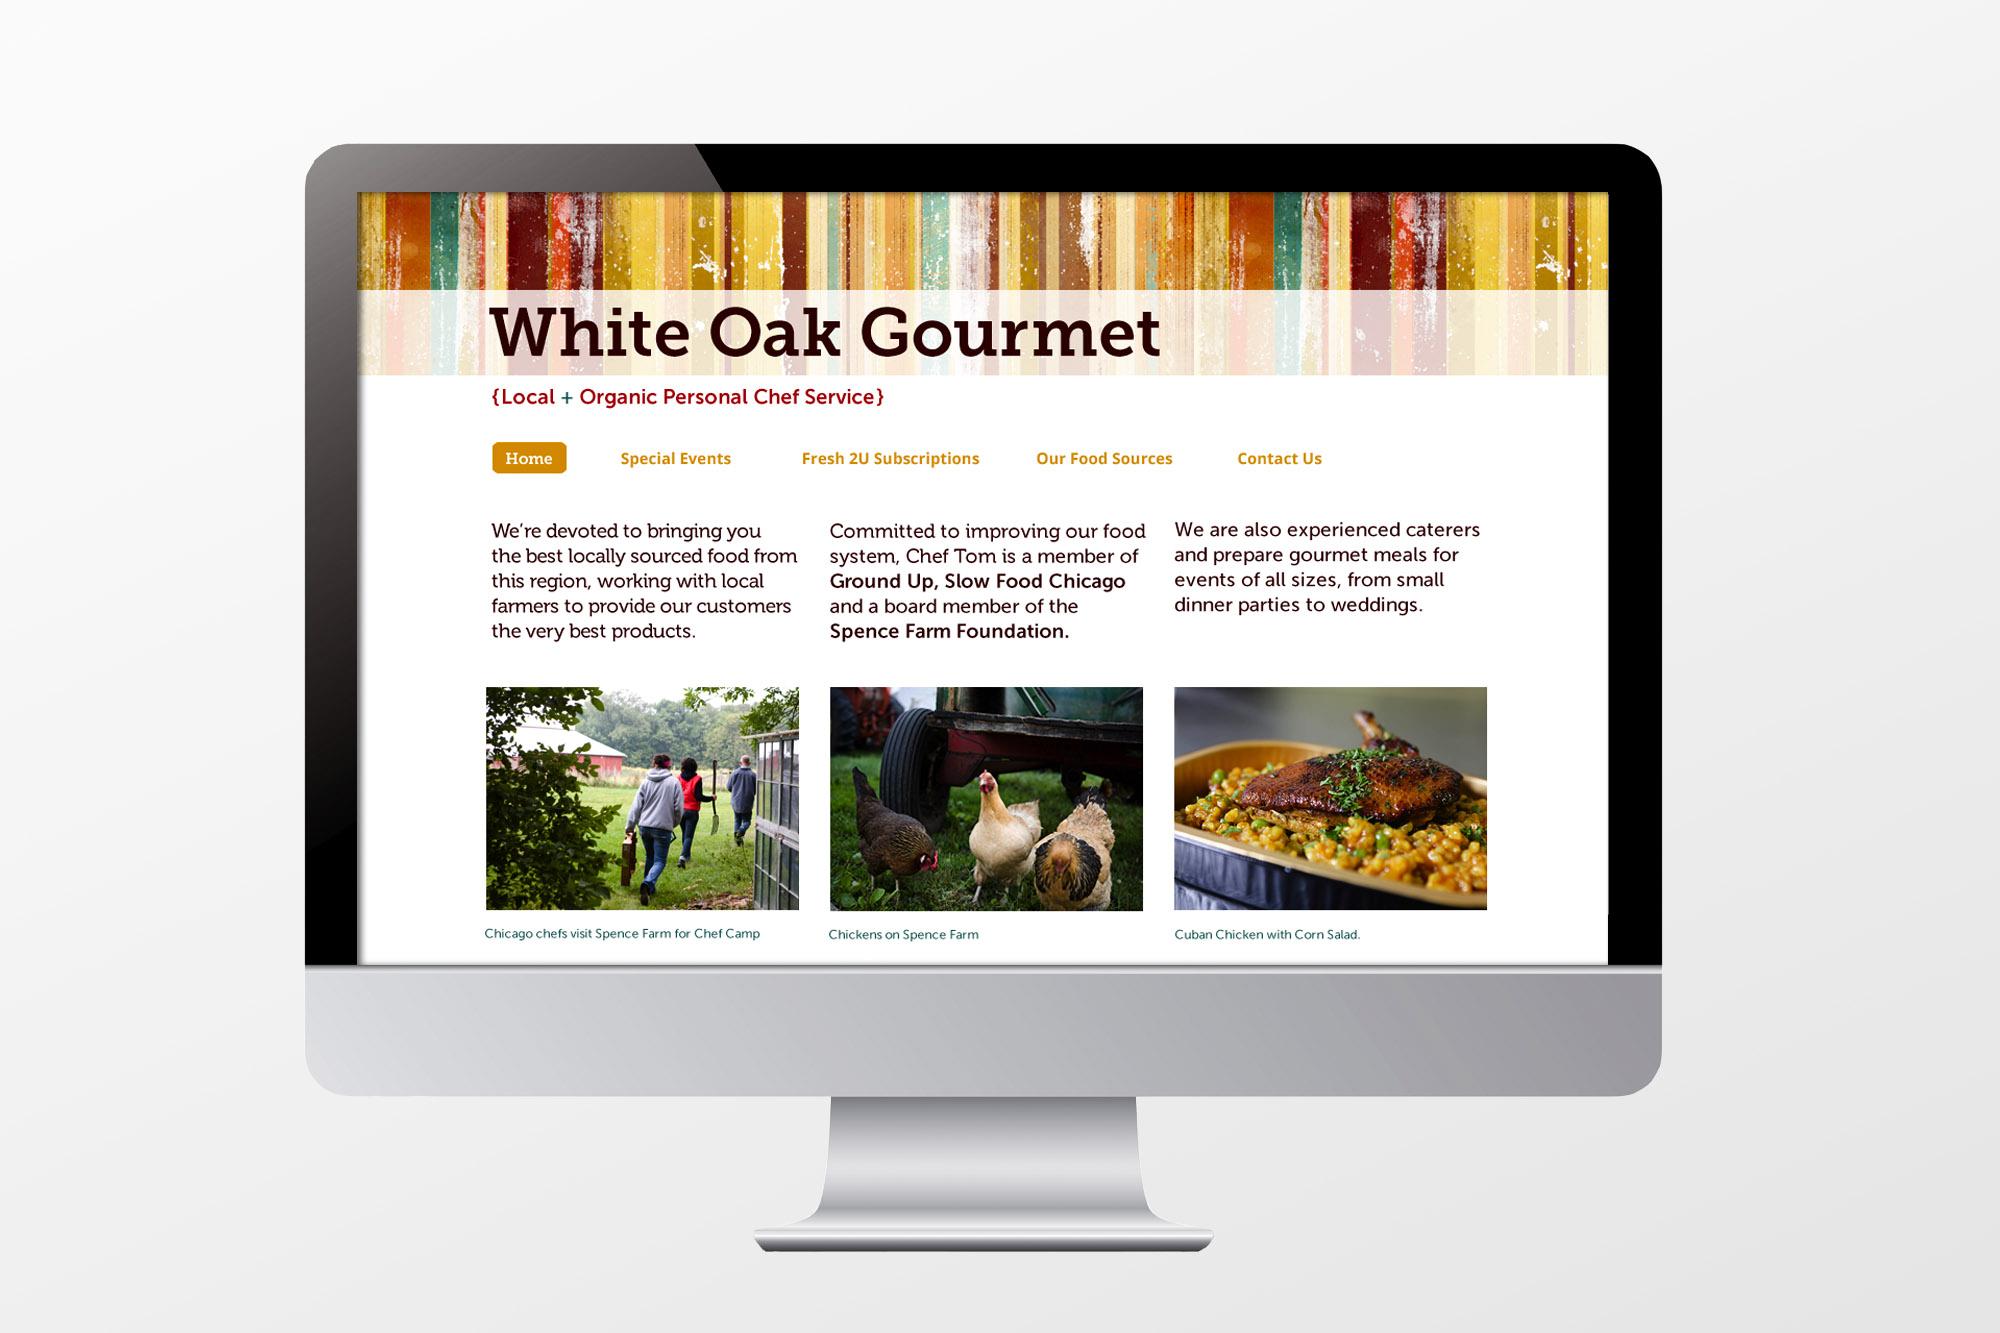 White Oak Gourmet